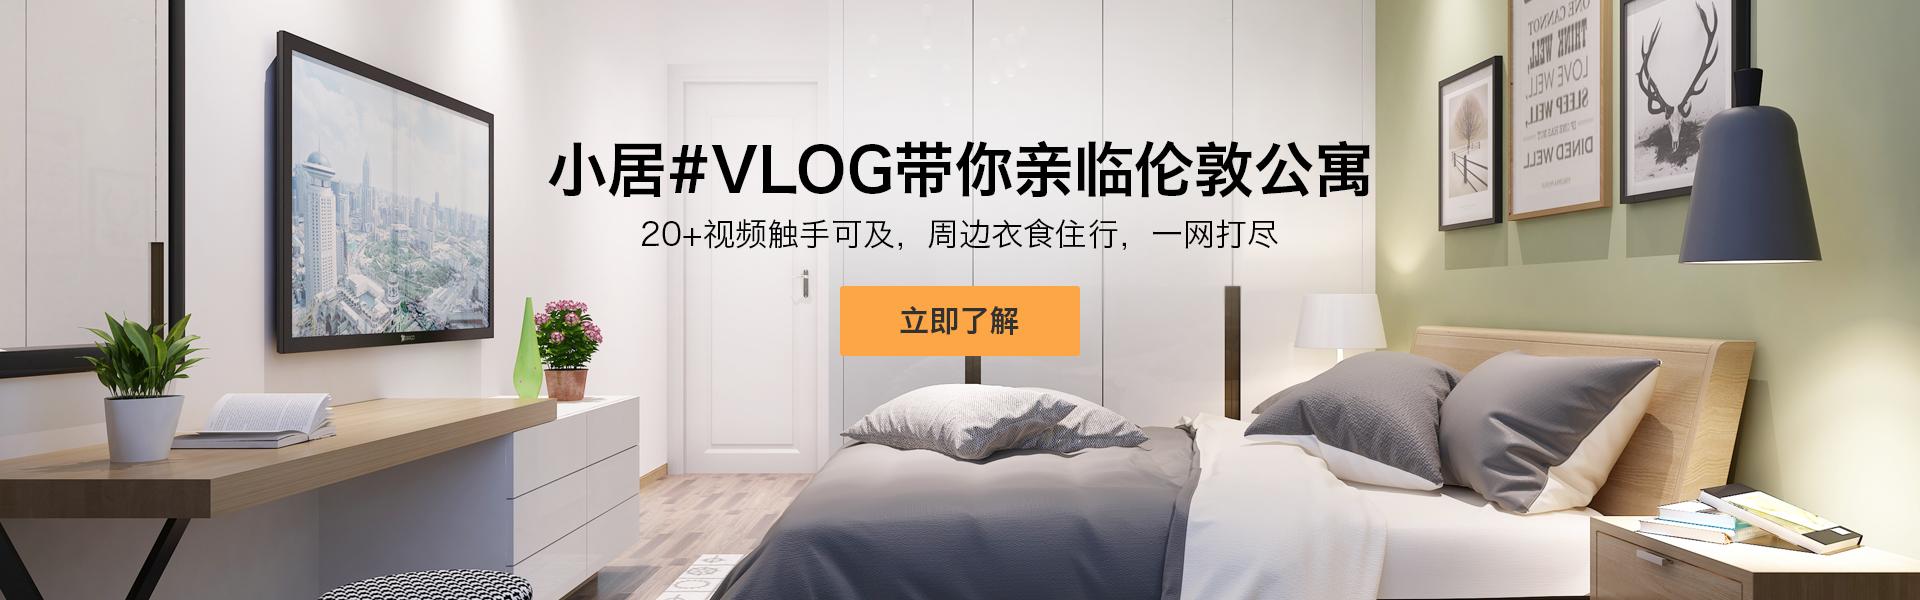 小居#VLOG带你亲临伦敦公寓